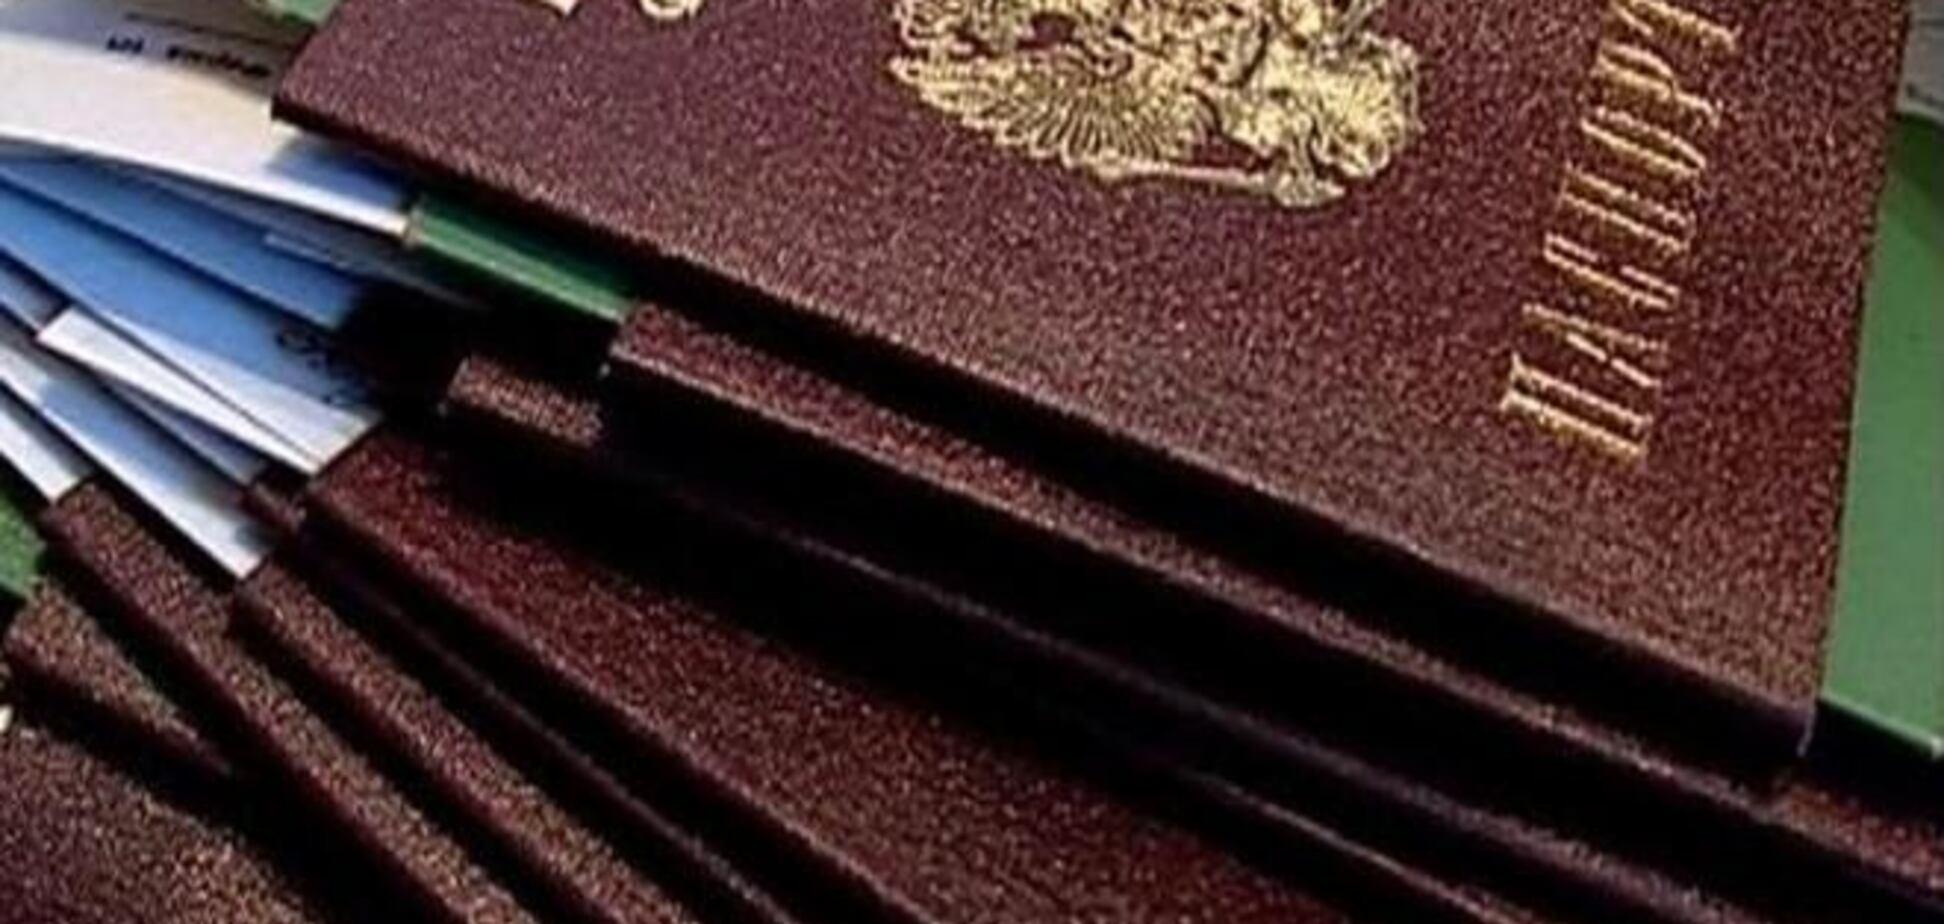 Госдума проголосовала за выдачу гражданства РФ любому 'носителю русского языка'